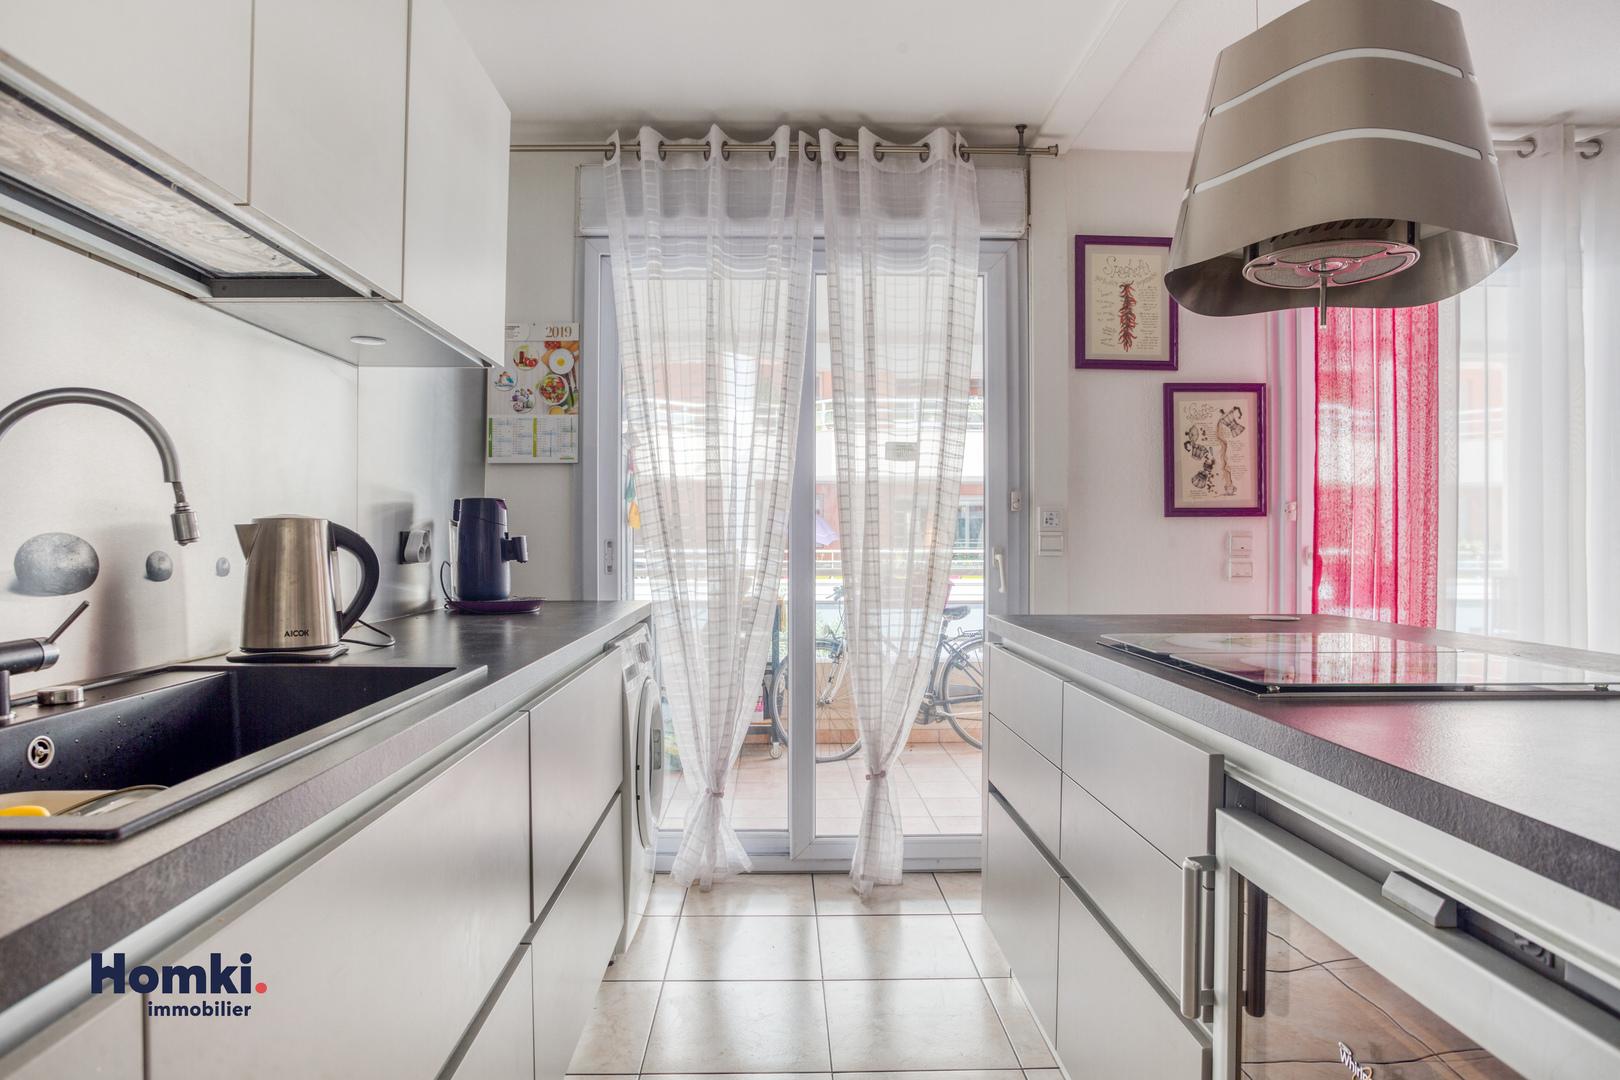 Vente Appartement 72 m² T4 83700_5